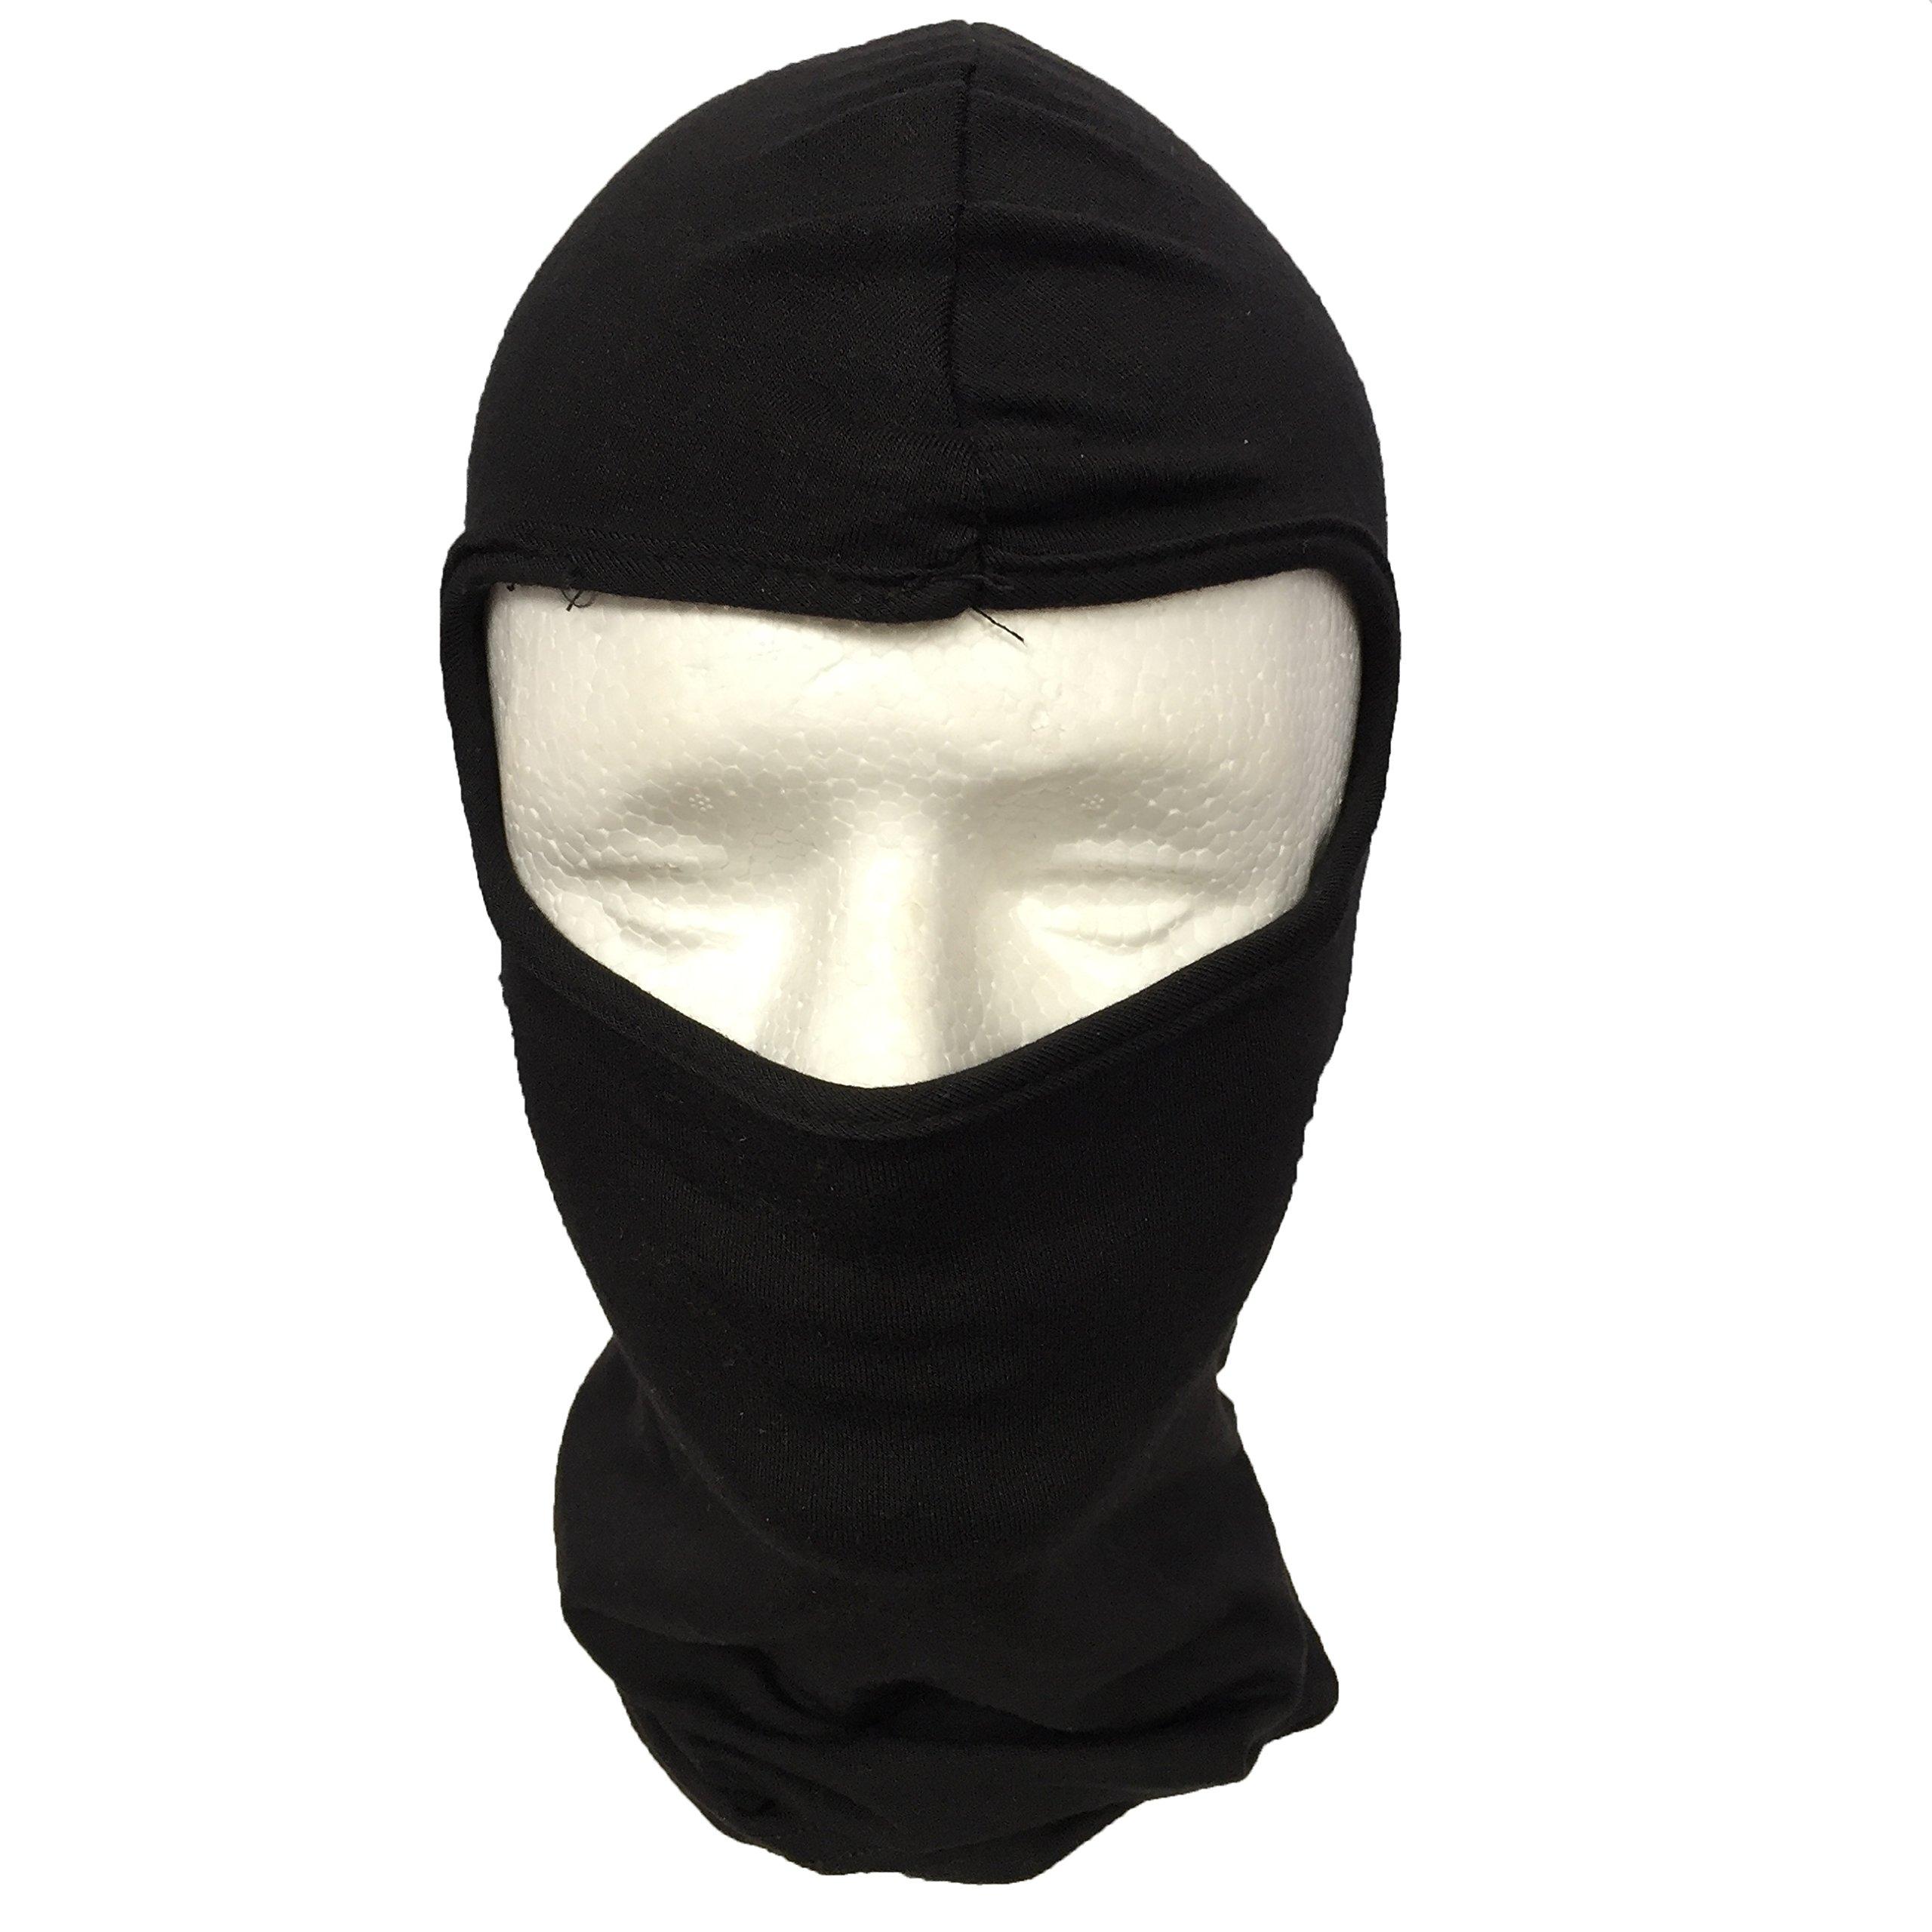 Cotton Konnection 2 Pack, Black Spandex Ninja mask, face mask, Ski mask,Helmet Liner